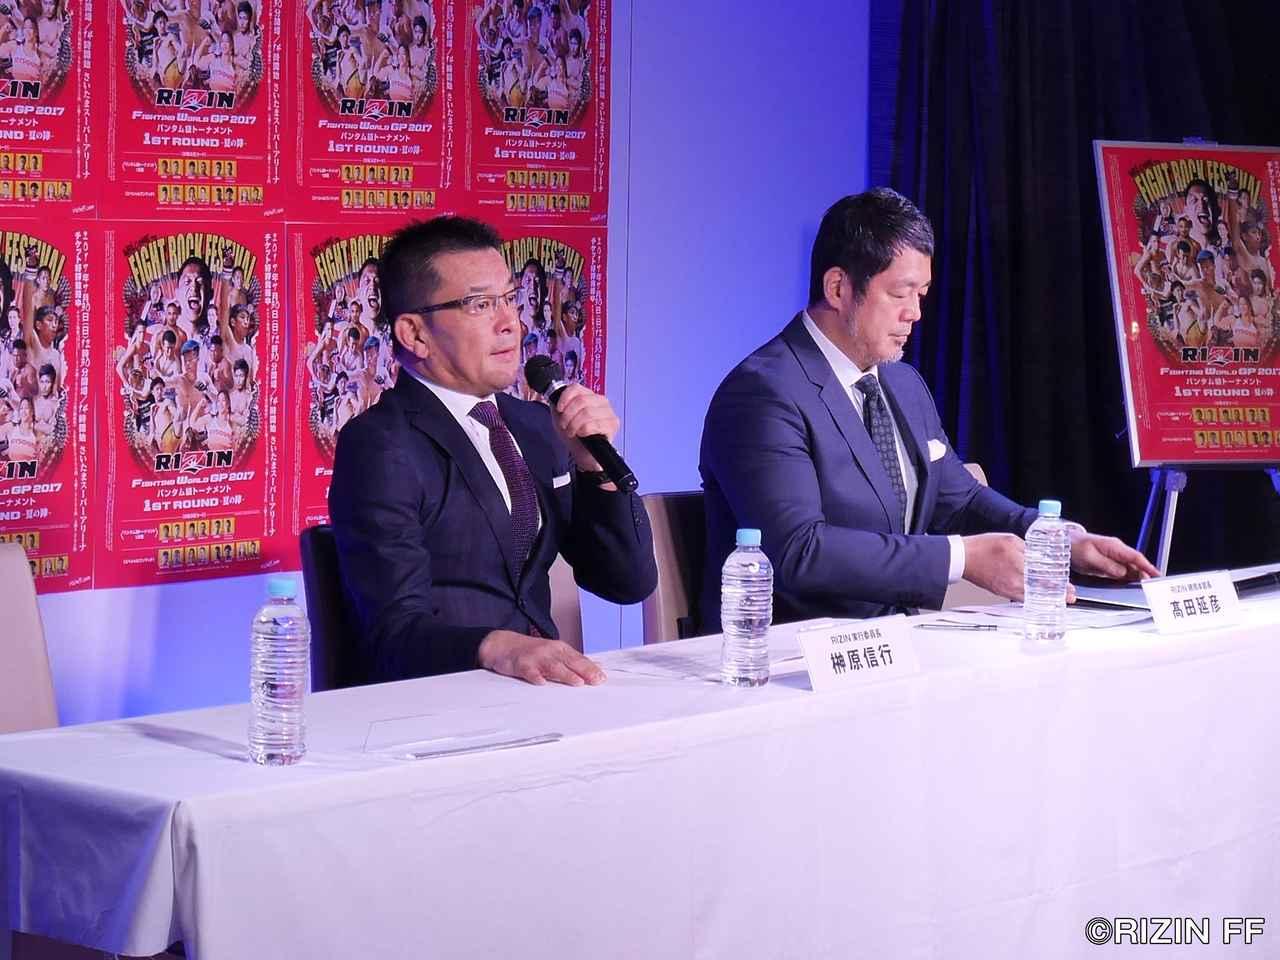 画像1: 野沢直子の長女、真珠・野沢オークライヤーが7・30RIZINでデビュー決定! ギャビはザンビディスをKOした女と対戦! 7・30RIZINさいたま大会追加対戦カード発表!!